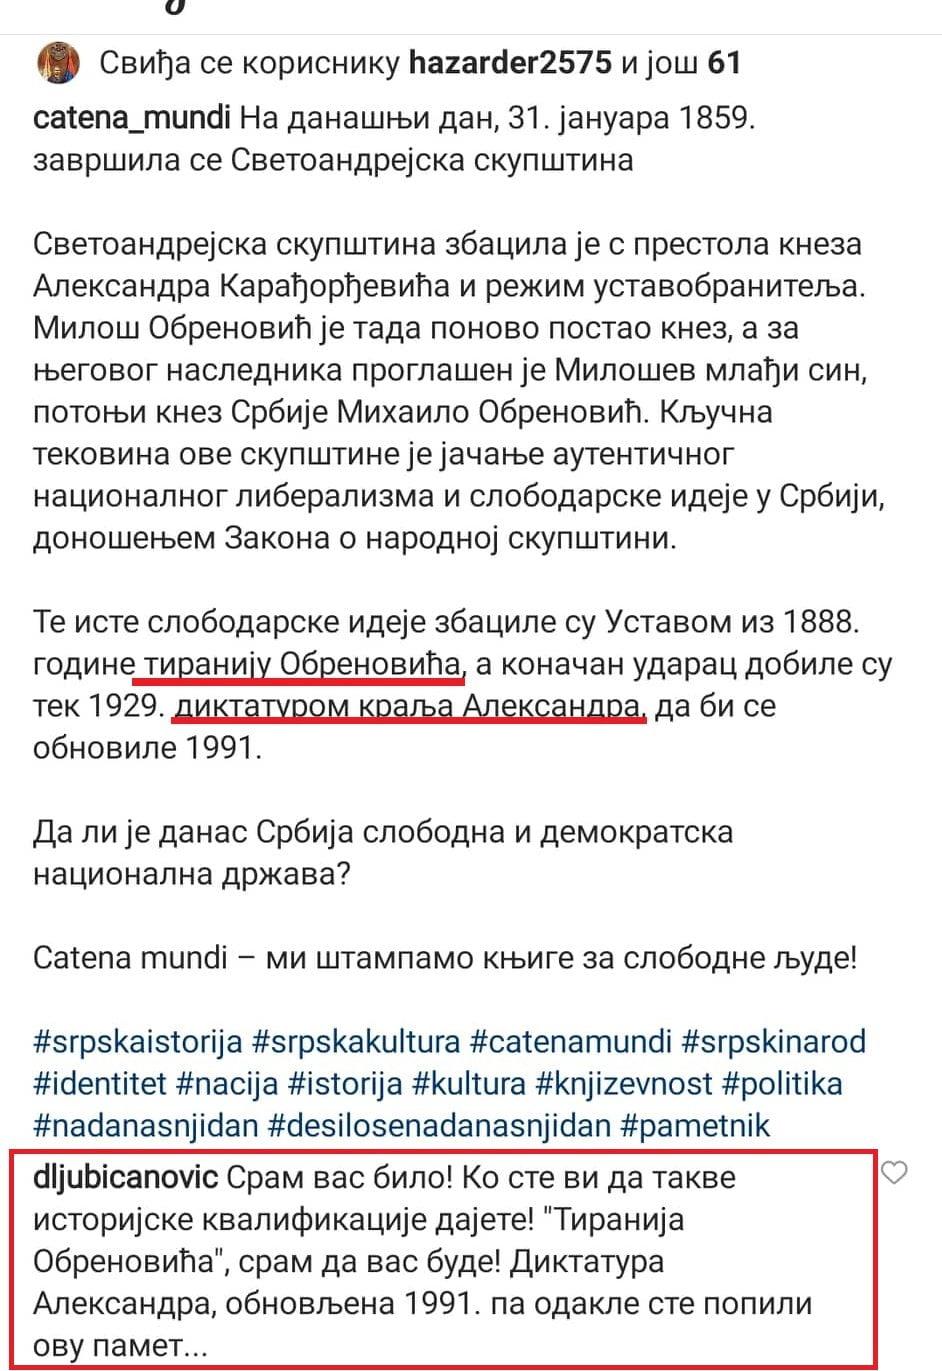 """Издавачка кућа Бошка Обрадовића """"Катена Мунди"""" Обреновиће назива тиранима"""